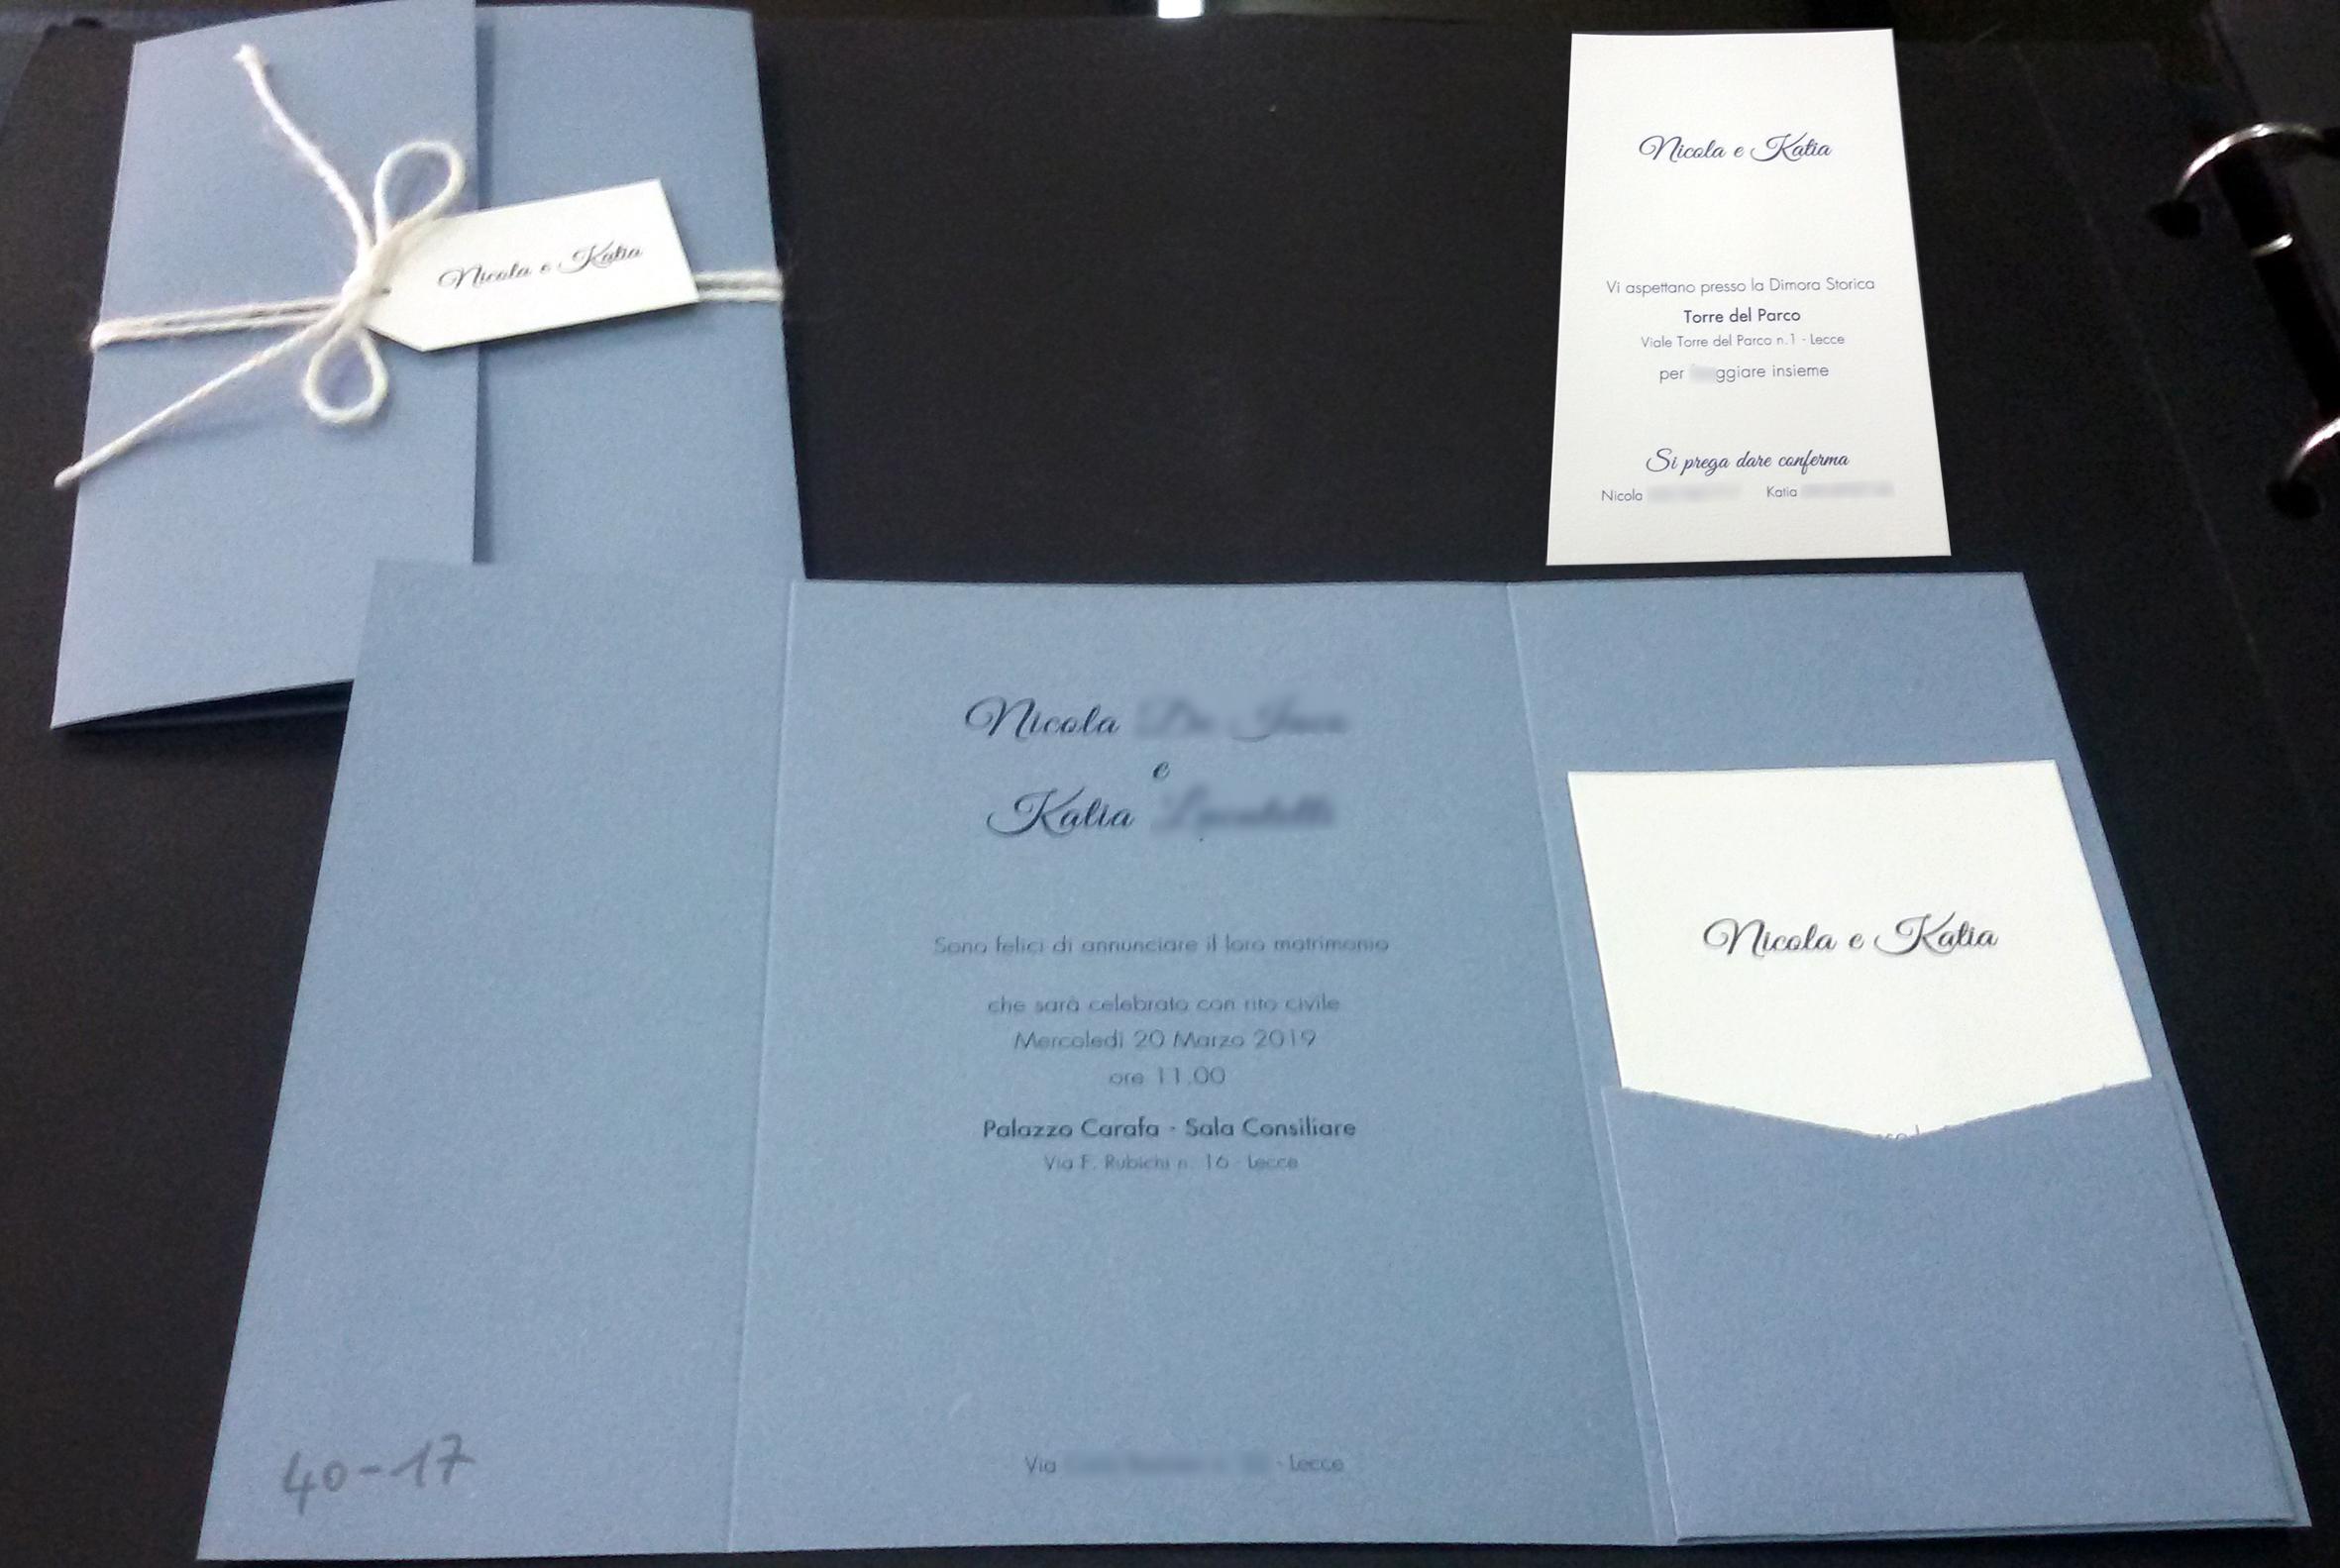 Cartoncino Per Partecipazioni Matrimonio.Tipografia Sardone